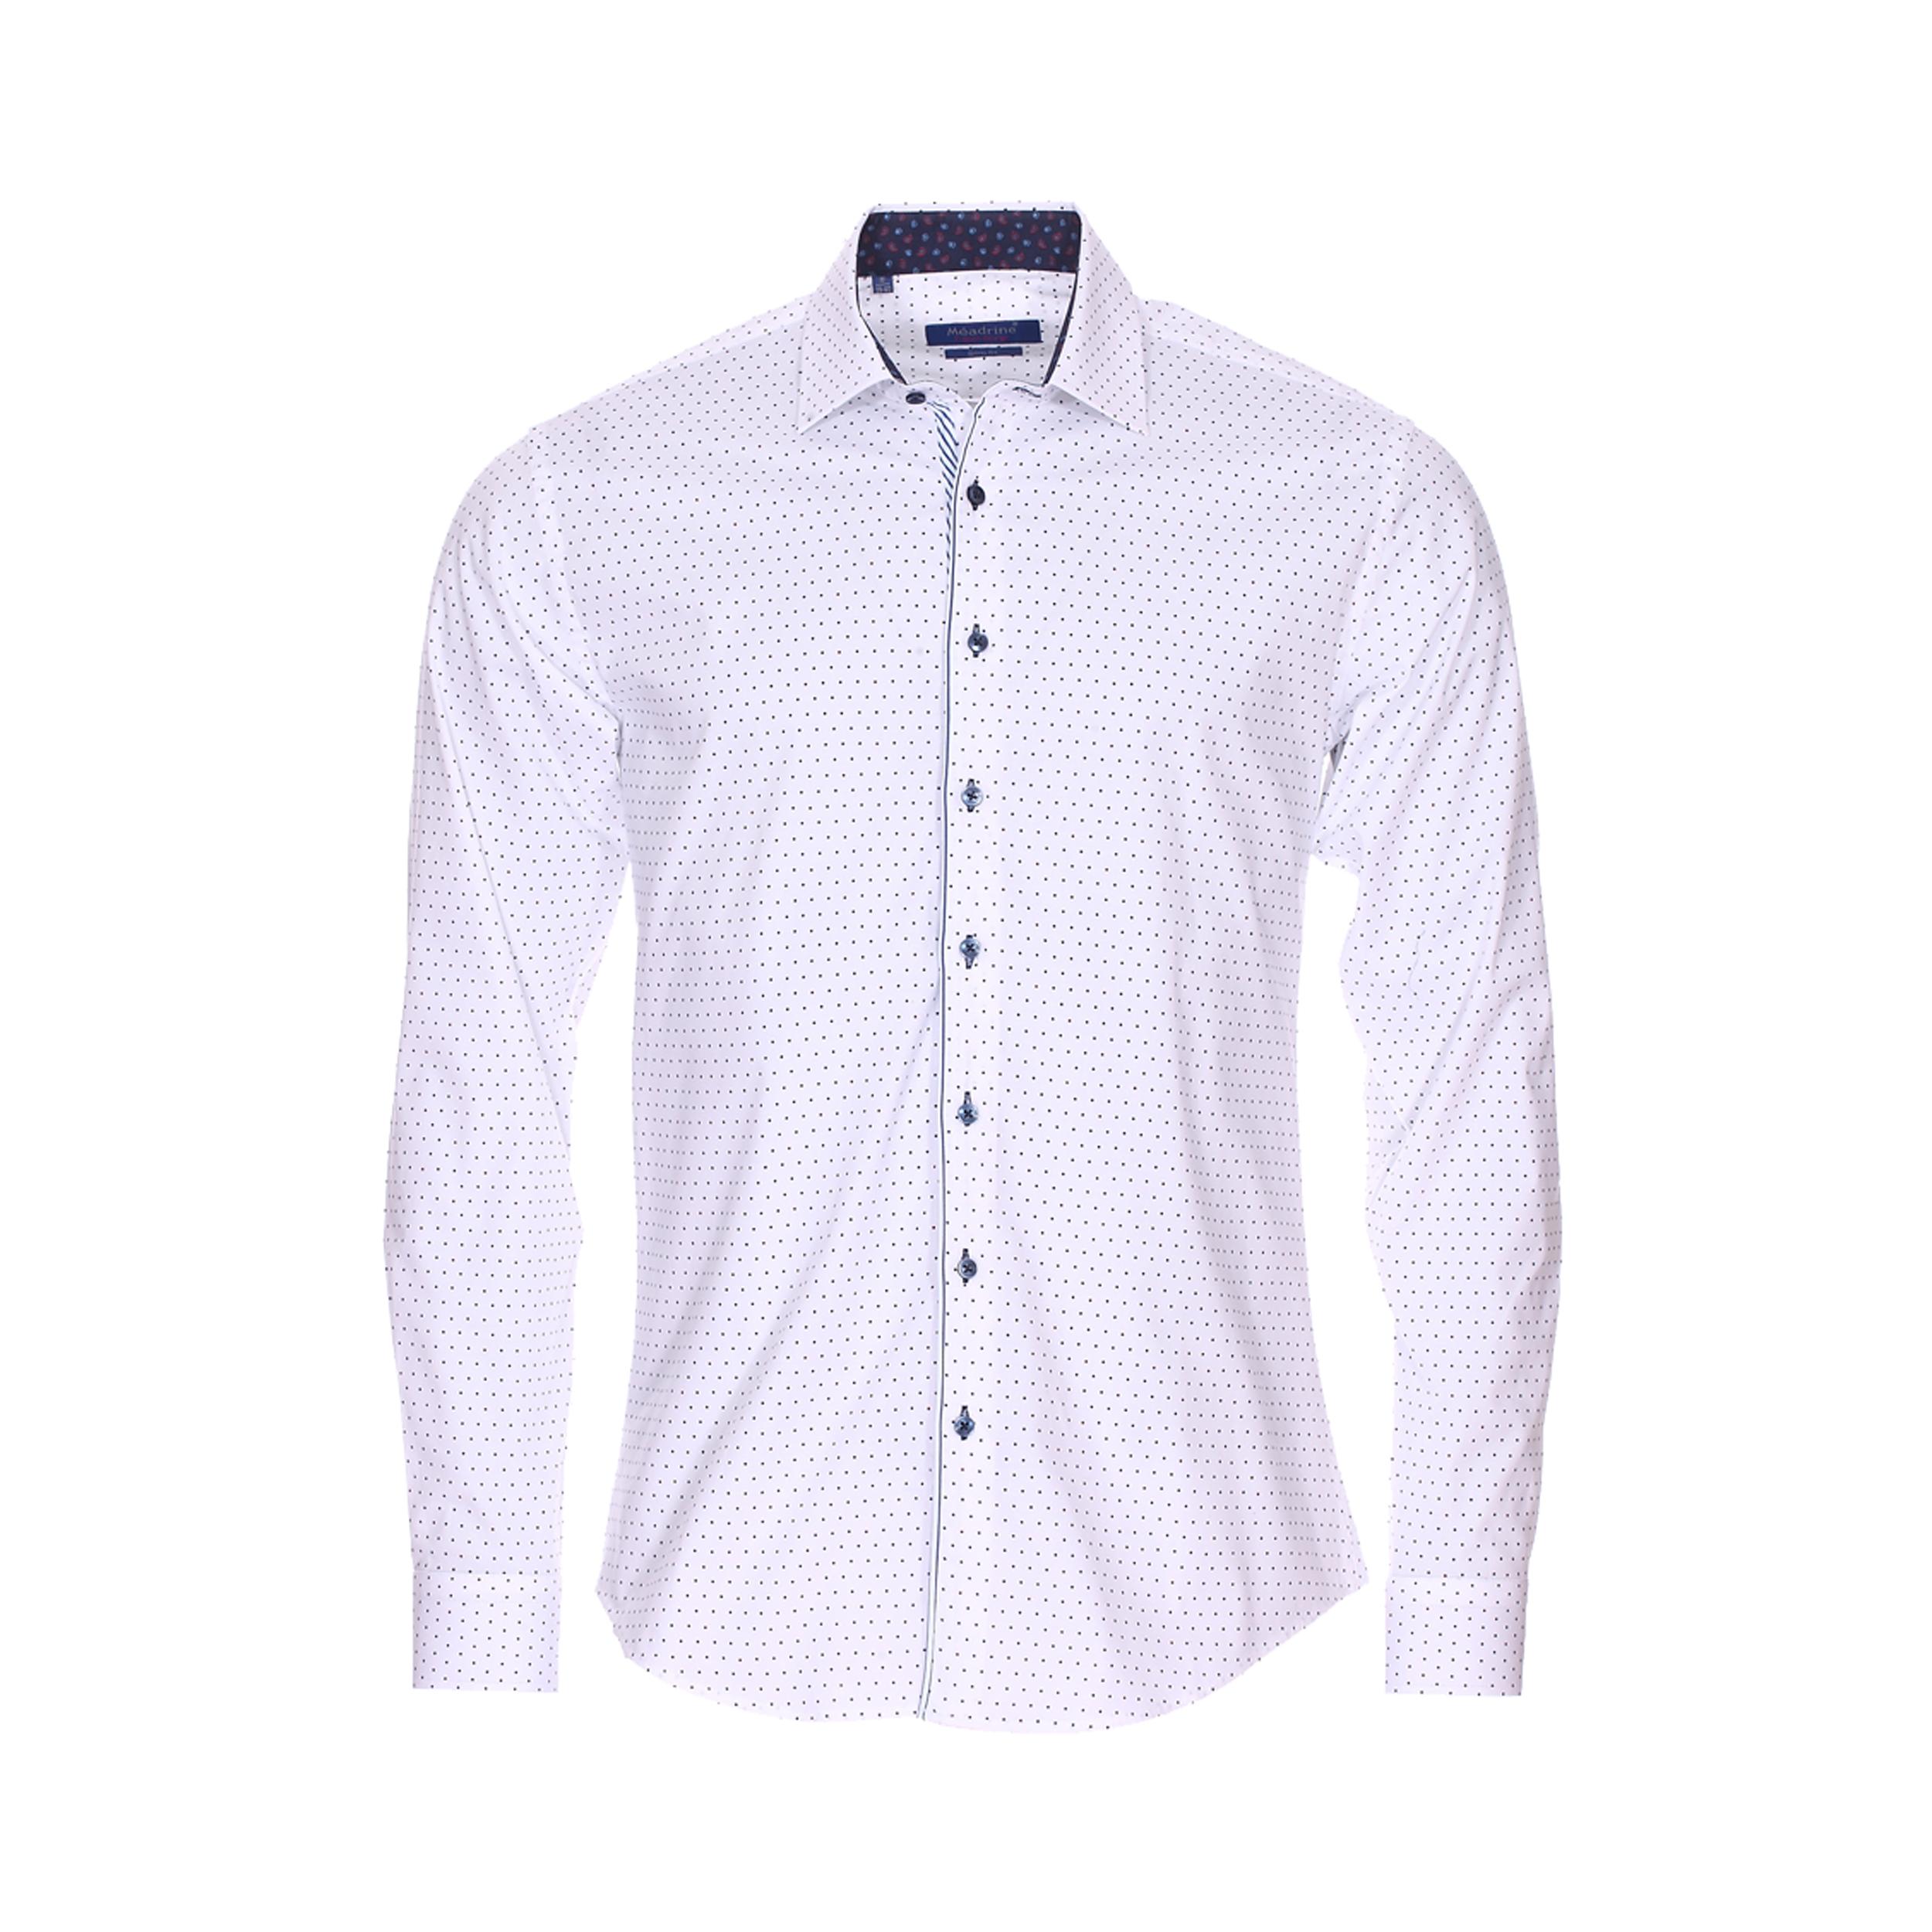 Chemise cintrée  en coton blanc à pois bleu marine et rouges